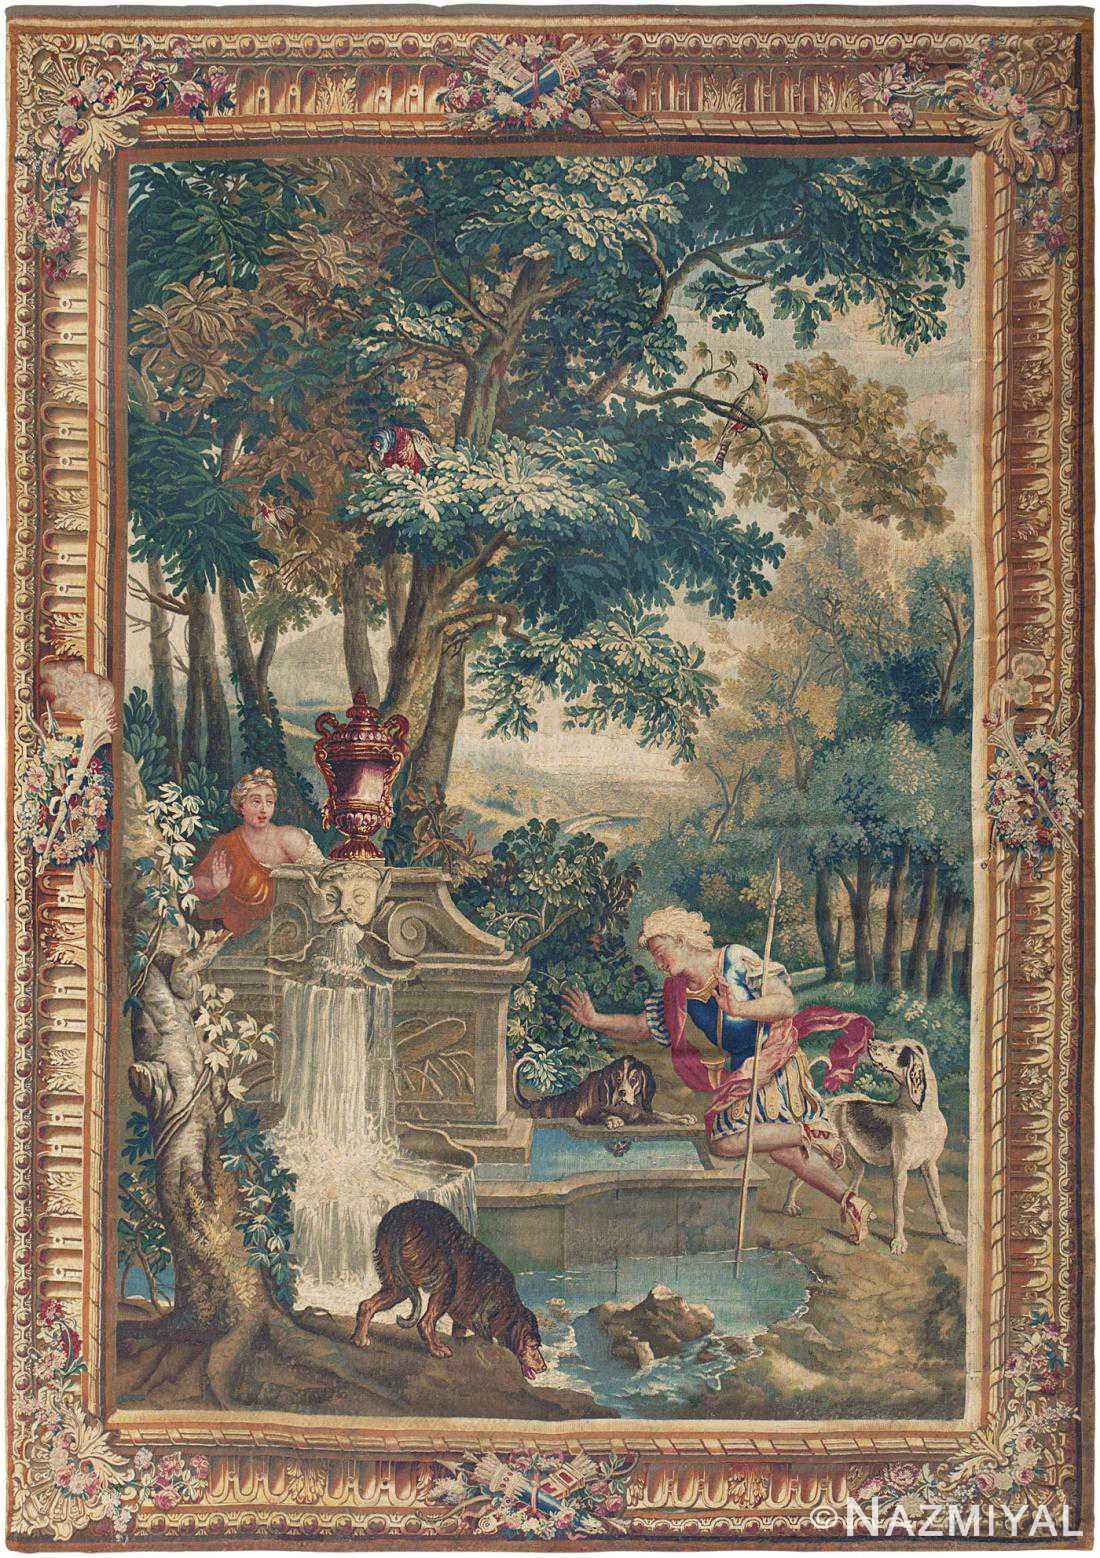 18th Century French Mythological Tapestry 46567 Nazmiyal